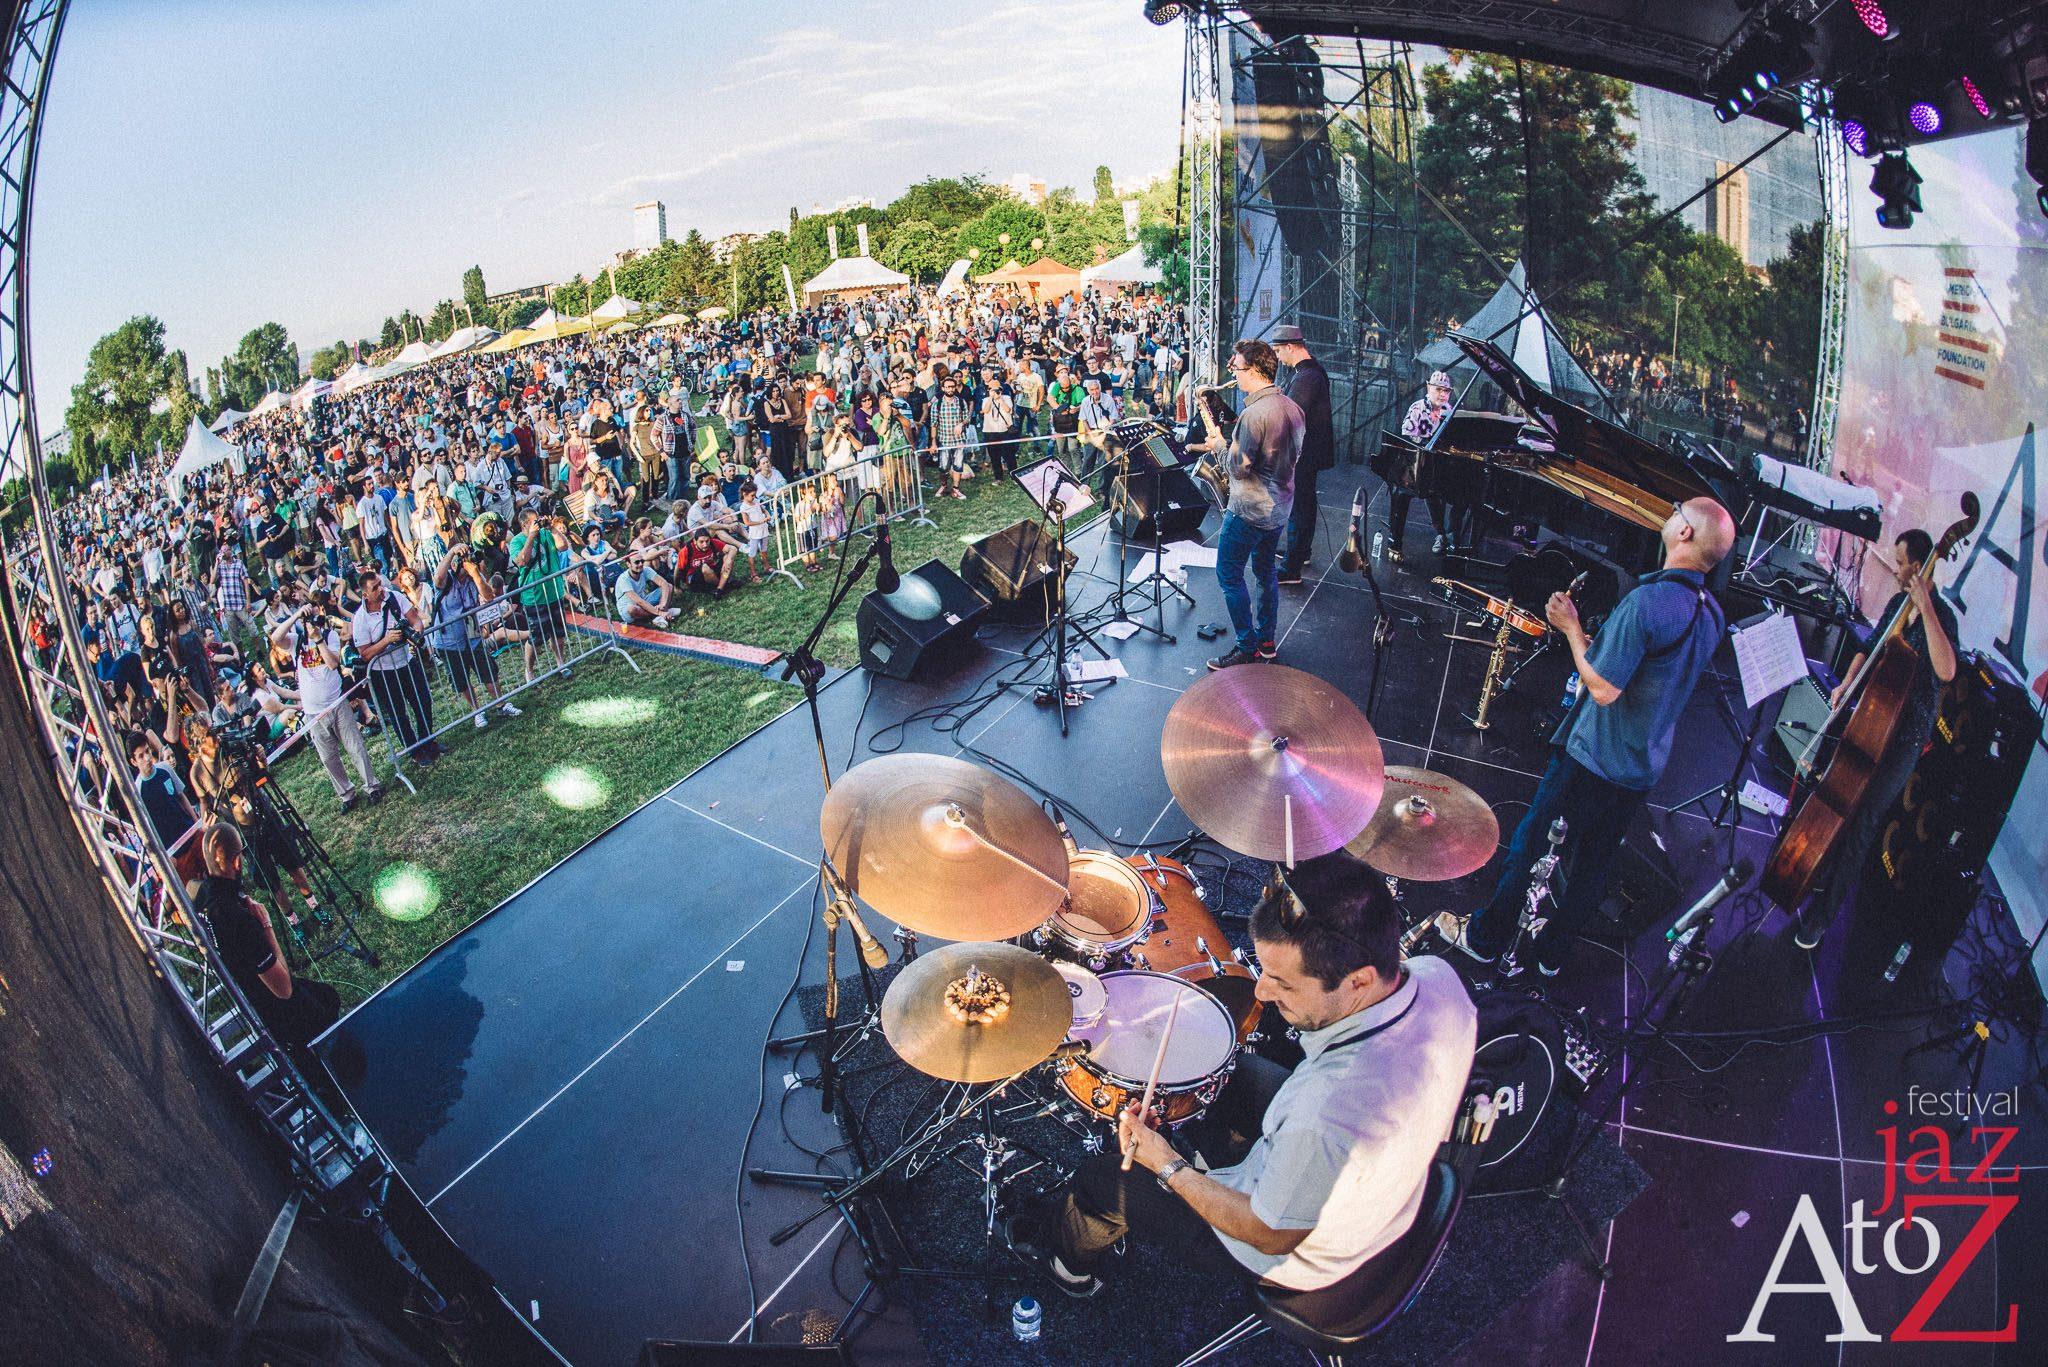 1 ден до A to JazZ – какво да очакваме на най-мащабния летен фестивал